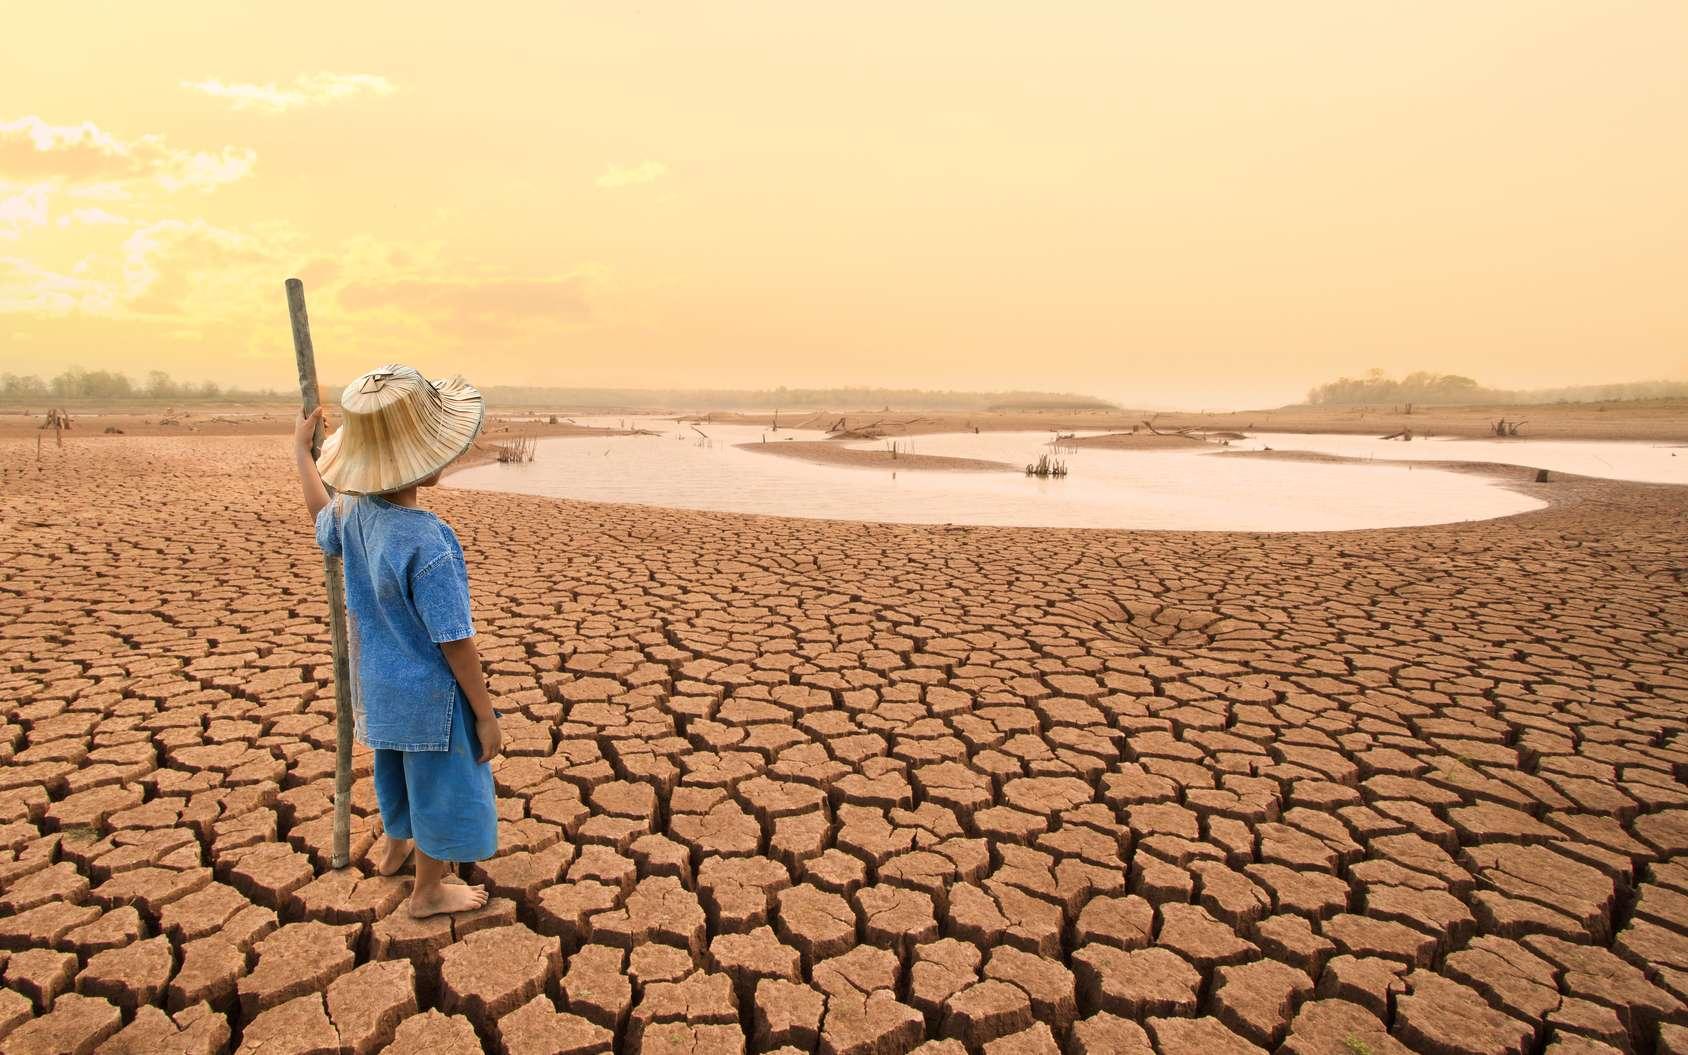 Parmi les missions du climatologue, anticiper les impacts du réchauffement climatique et de ses conséquences sur l'Homme et la nature. © piyaset, Fotolia.